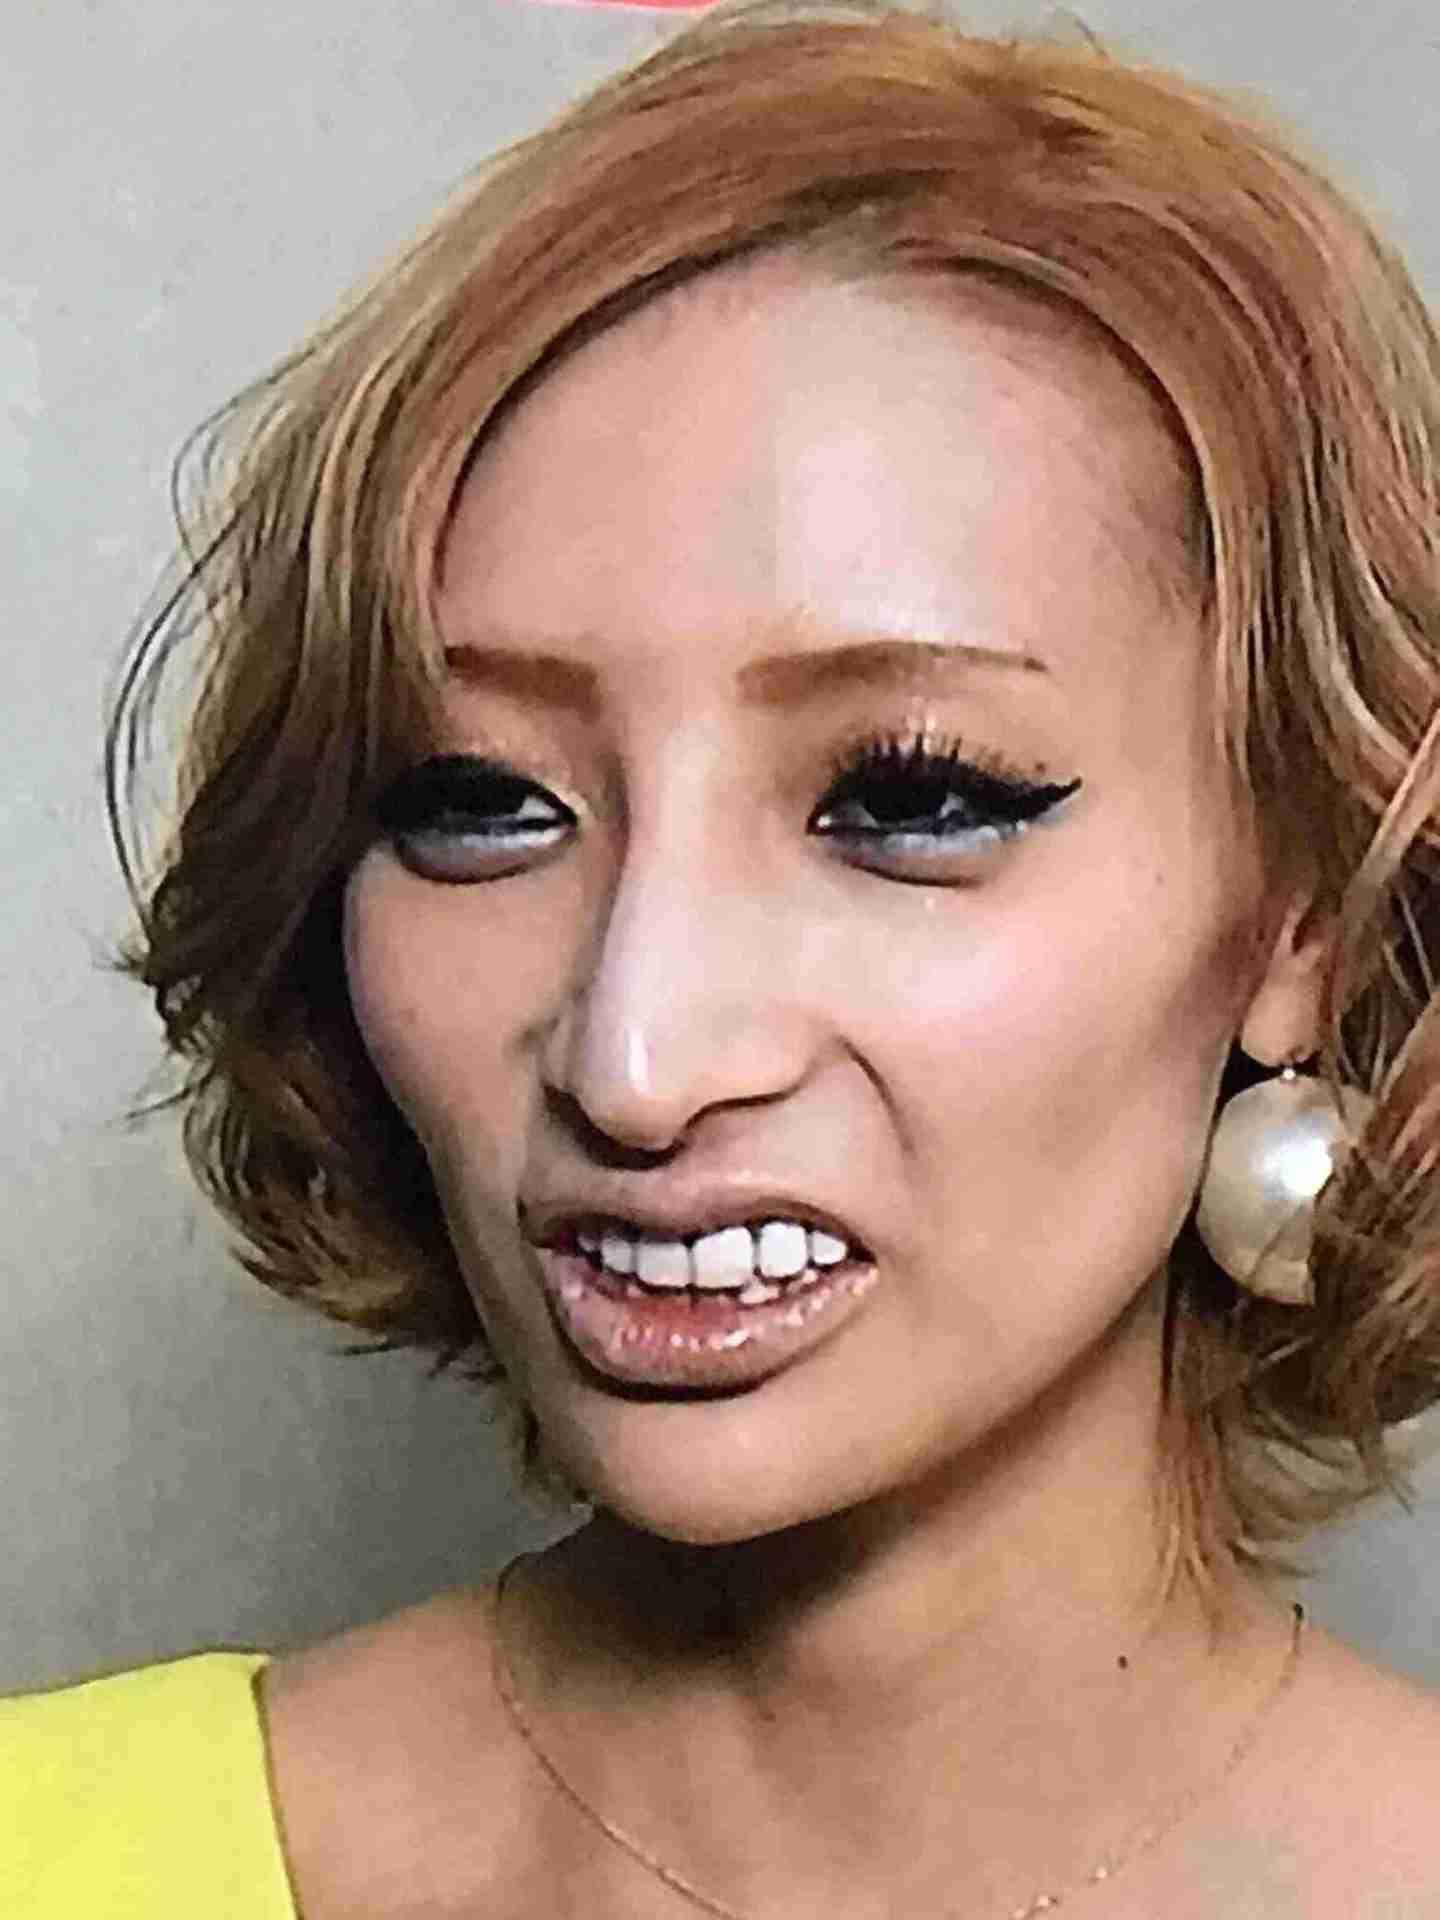 加藤紗里、卒アル写真の流出に「紗里の可愛さにみんなドン引きしてんじゃん」